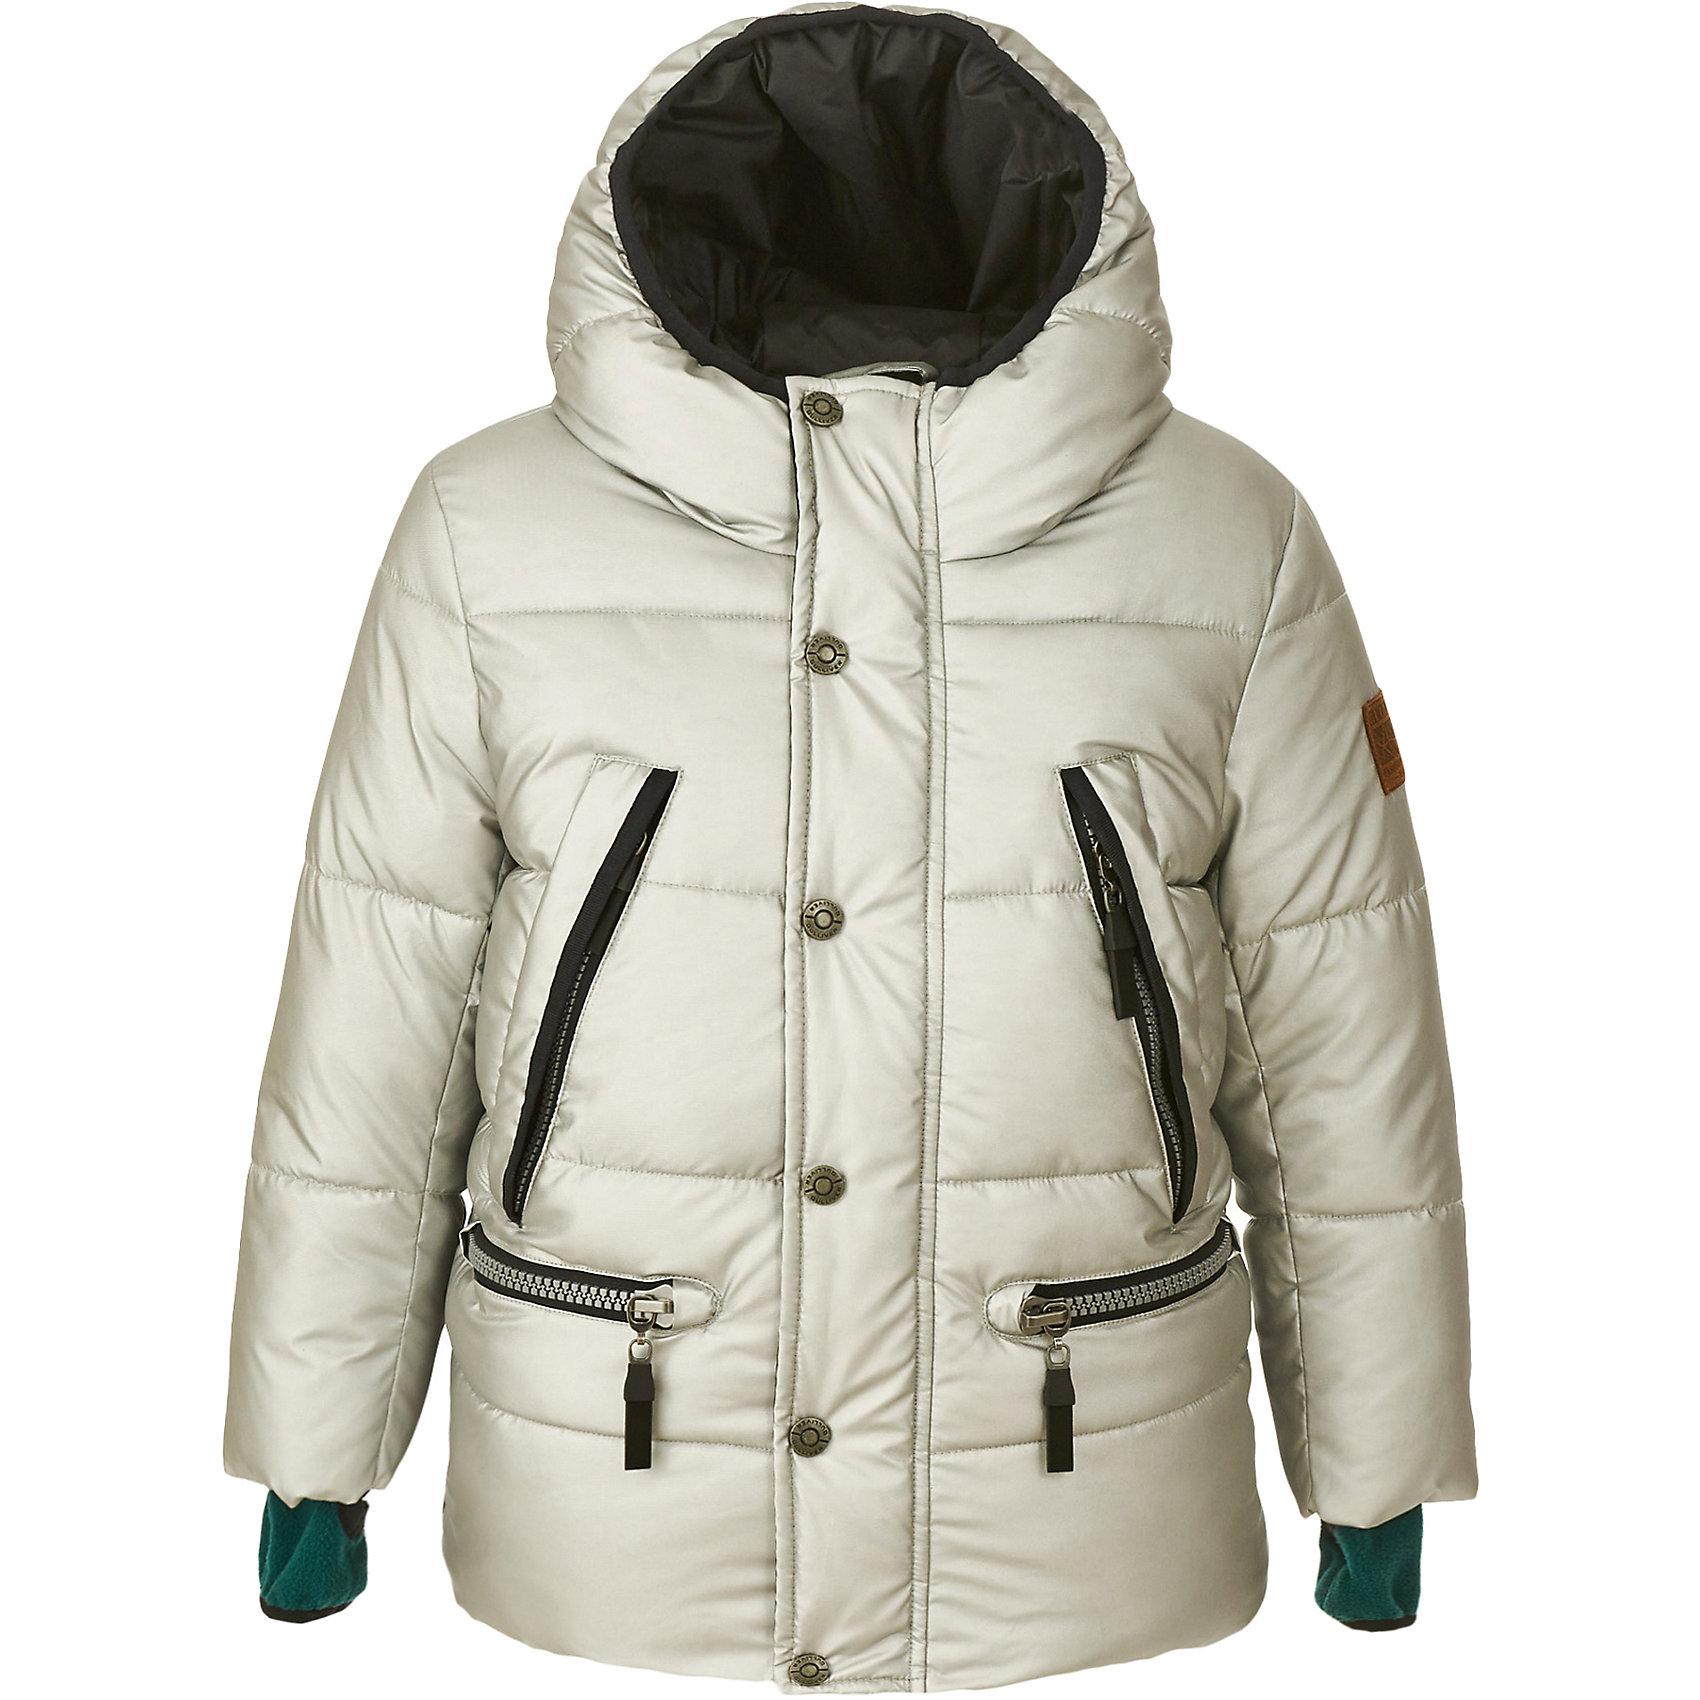 Полупальто Gulliver для мальчикаВерхняя одежда<br>Полупальто Gulliver для мальчика<br>Какими должны быть куртки для мальчиков? Модными или практичными, красивыми или функциональными? Отправляясь на шопинг, мамы мальчиков должны ответить на эти непростые вопросы. Куртка из коллекции Навигатор упрощает задачу, потому что сочетает в себе все лучшие характеристики детских курток для мальчиков. Модная форма, интересный цвет: серебристый металлик, комфортная длина, множество выразительных функциональных и декоративных деталей делают куртку яркой и привлекательной. Эта куртка с капюшоном подарит своему обладателю прекрасный внешний вид, удобство, индивидуальность. Если вы решили купить модную куртку, эта модель - достойный выбор!<br>Состав:<br>верх: 100% полиэстер; подкладка: 100% полиэстер; утеплитель: иск.пух 100% полиэстер<br><br>Ширина мм: 356<br>Глубина мм: 10<br>Высота мм: 245<br>Вес г: 519<br>Цвет: серебряный<br>Возраст от месяцев: 60<br>Возраст до месяцев: 72<br>Пол: Мужской<br>Возраст: Детский<br>Размер: 116,98,104,110<br>SKU: 7076728